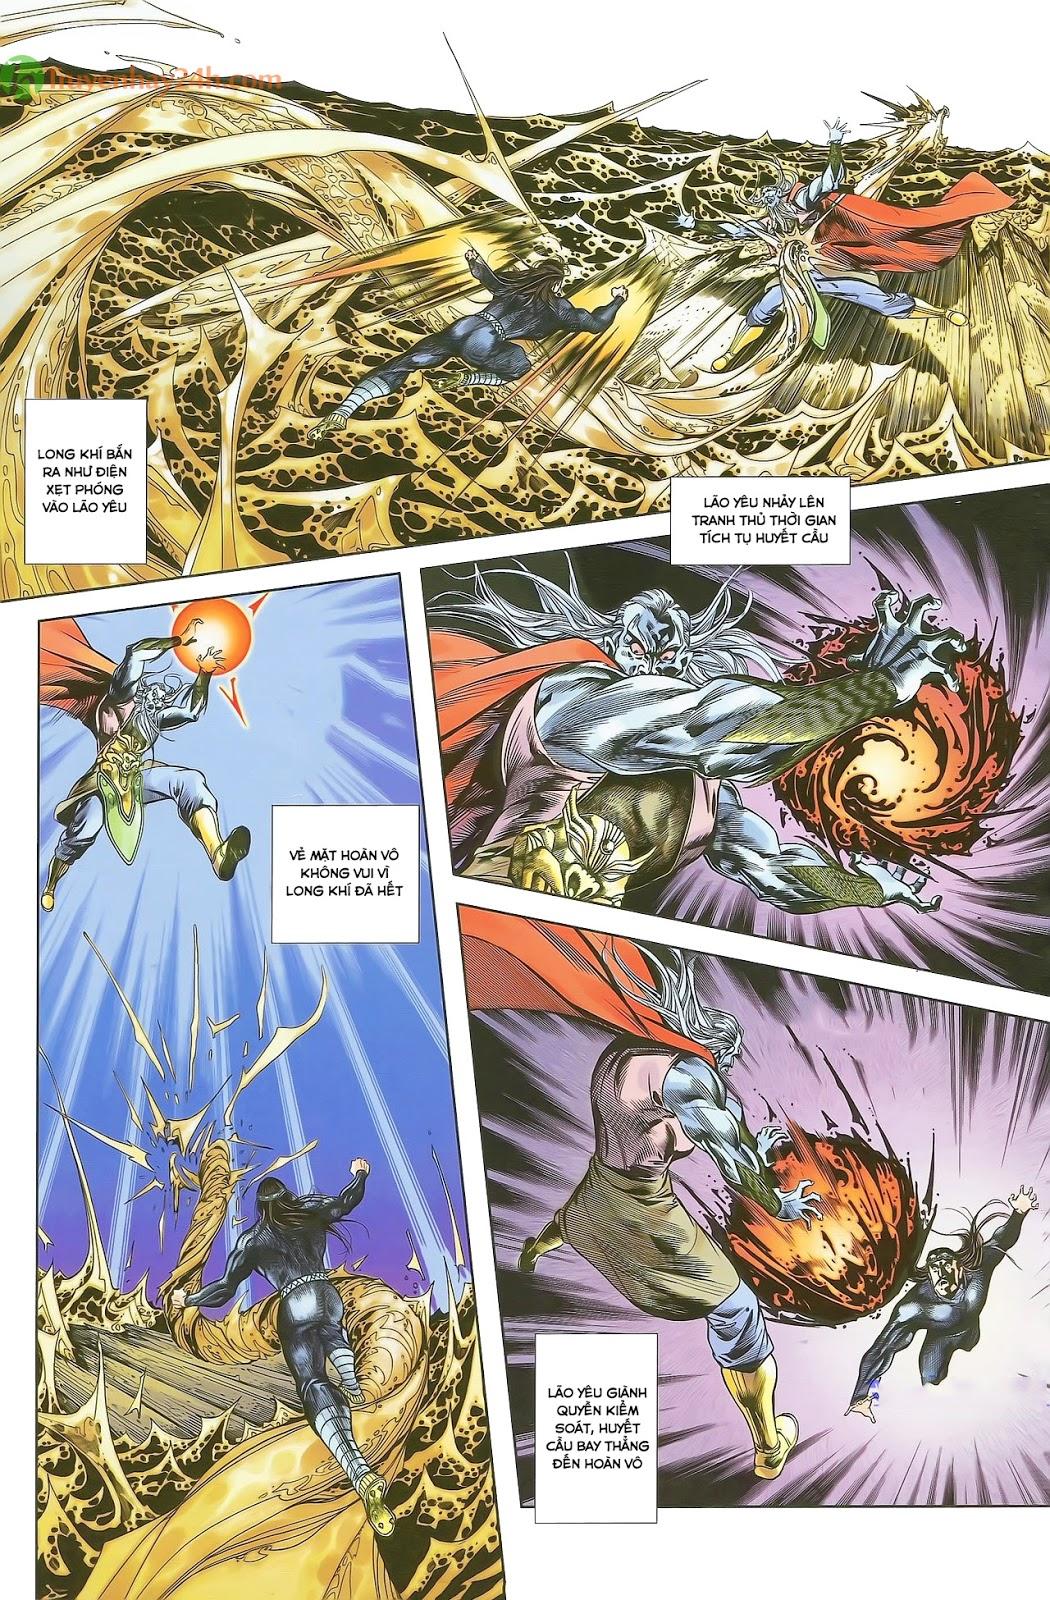 Tần Vương Doanh Chính chapter 28 trang 7